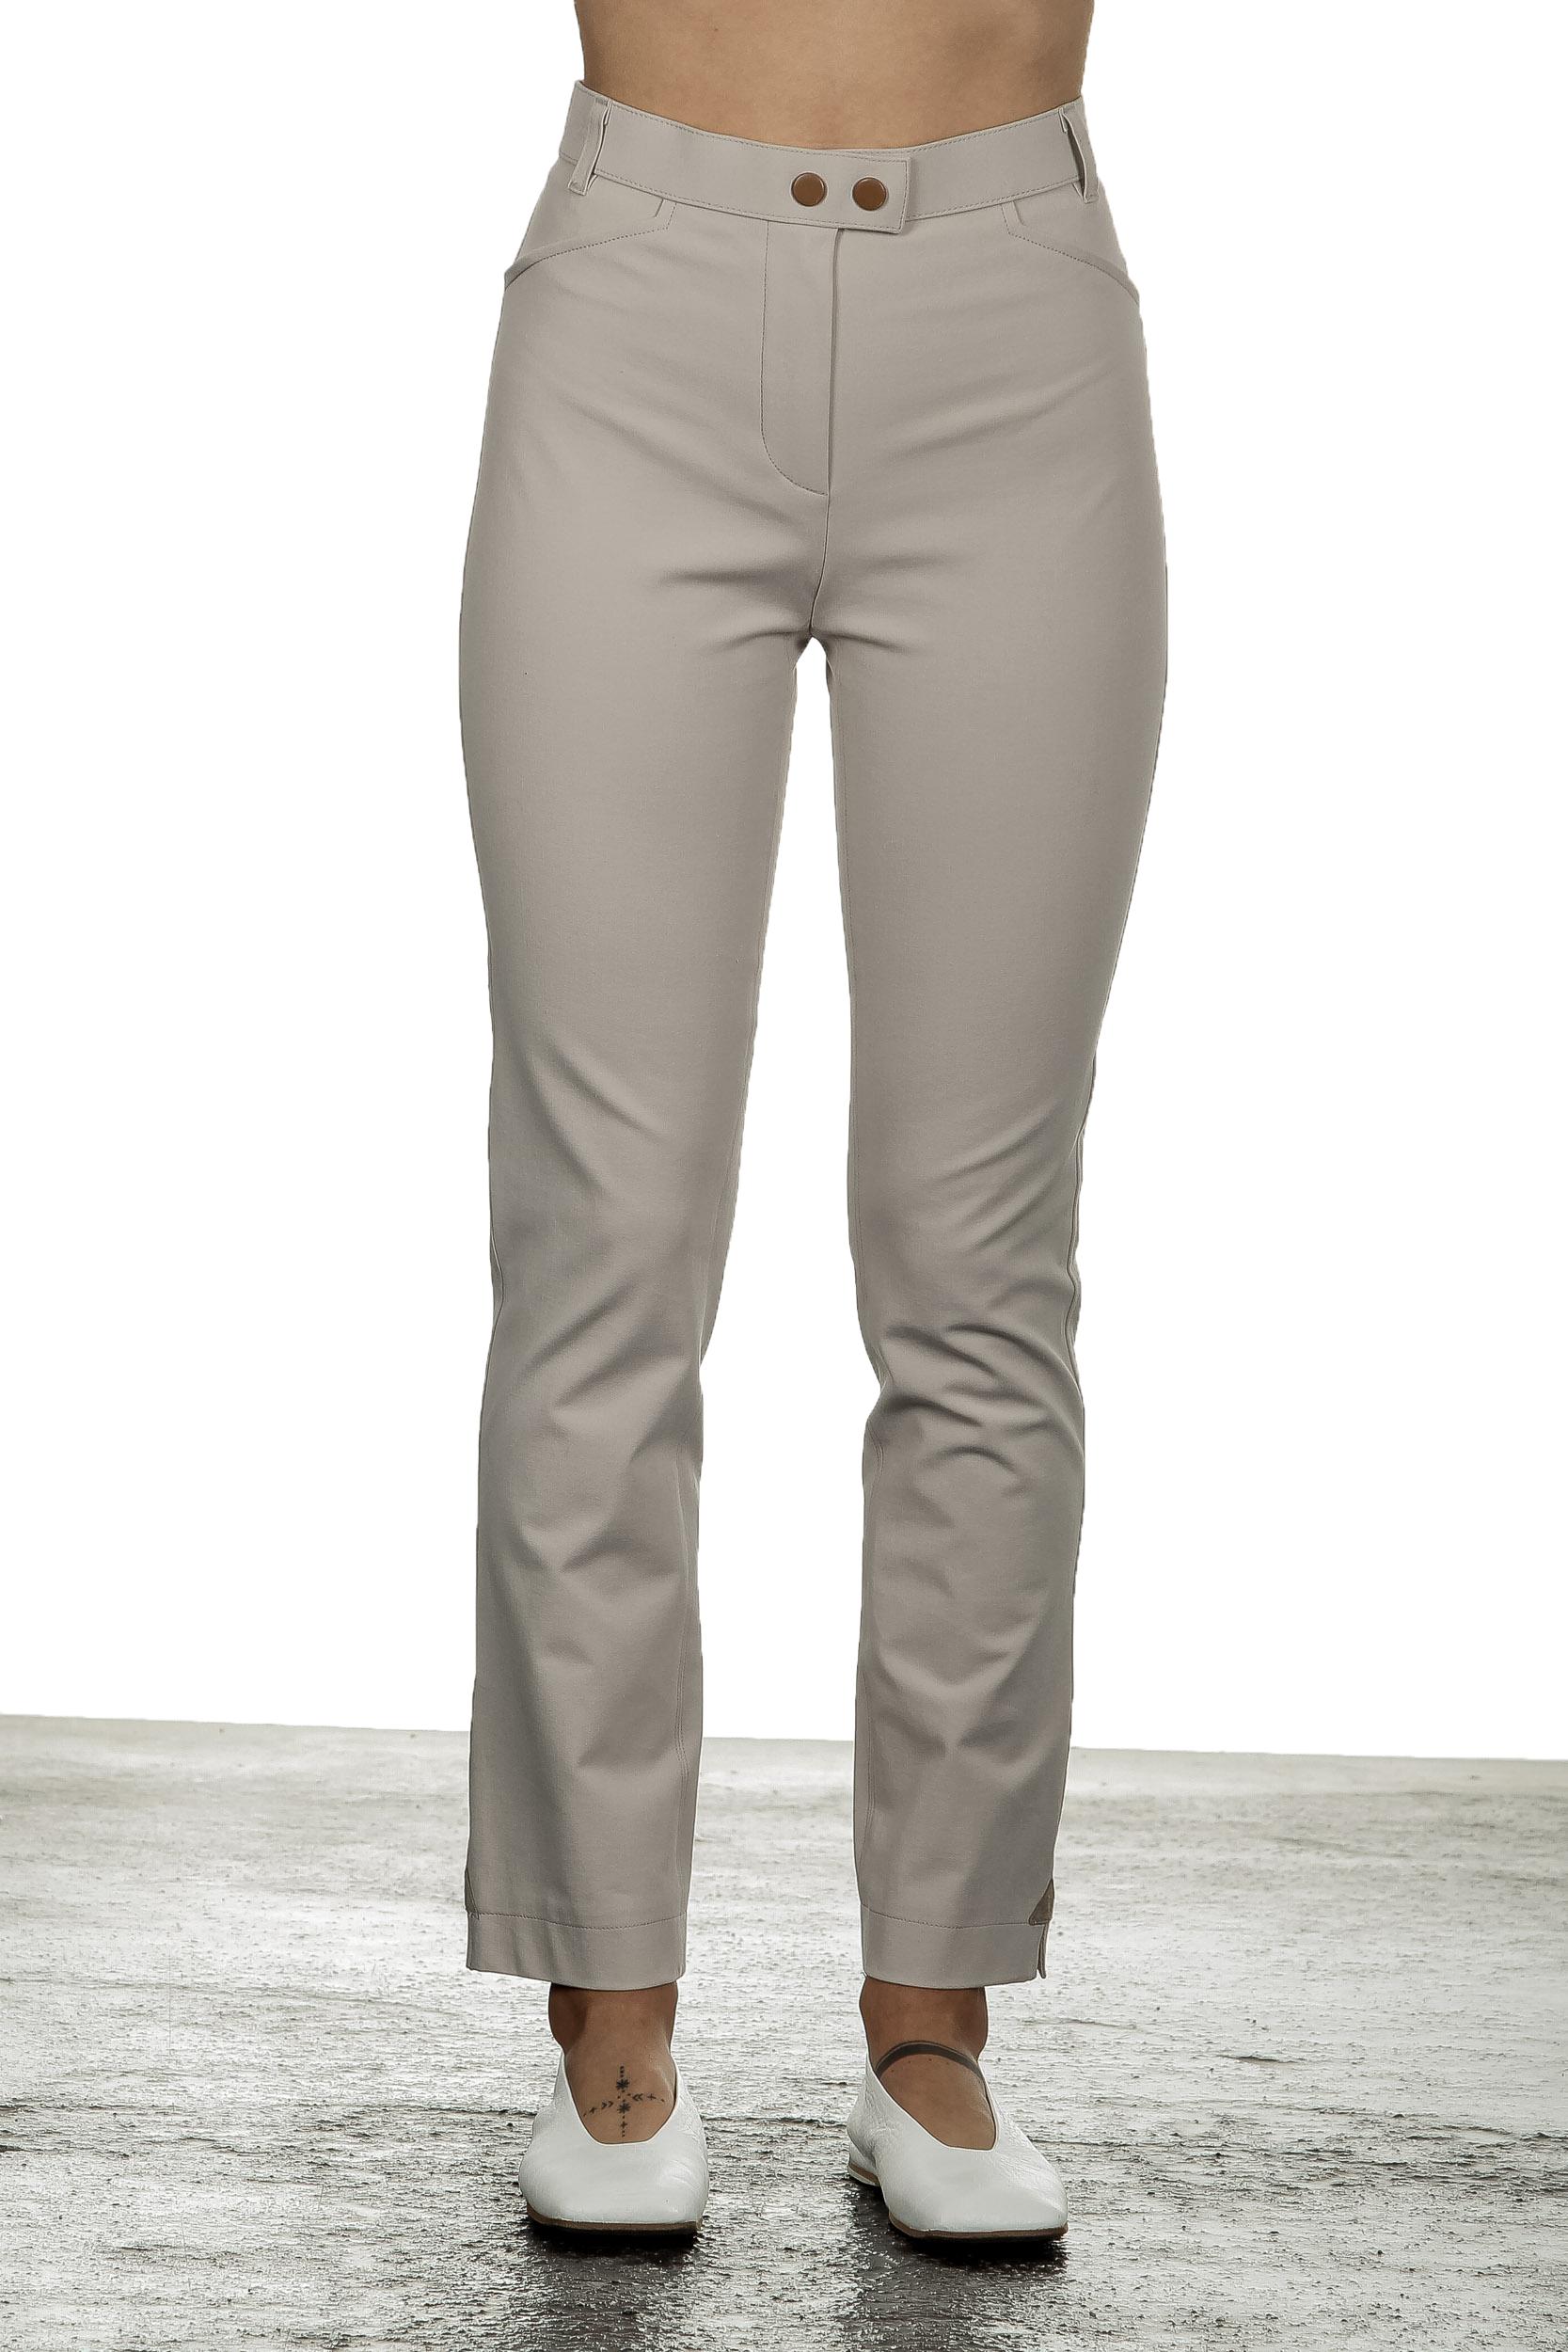 Hosen - Seductive Damen Hose 'FRANZISKA' mit hohem Bund beige  - Onlineshop Luxury Loft